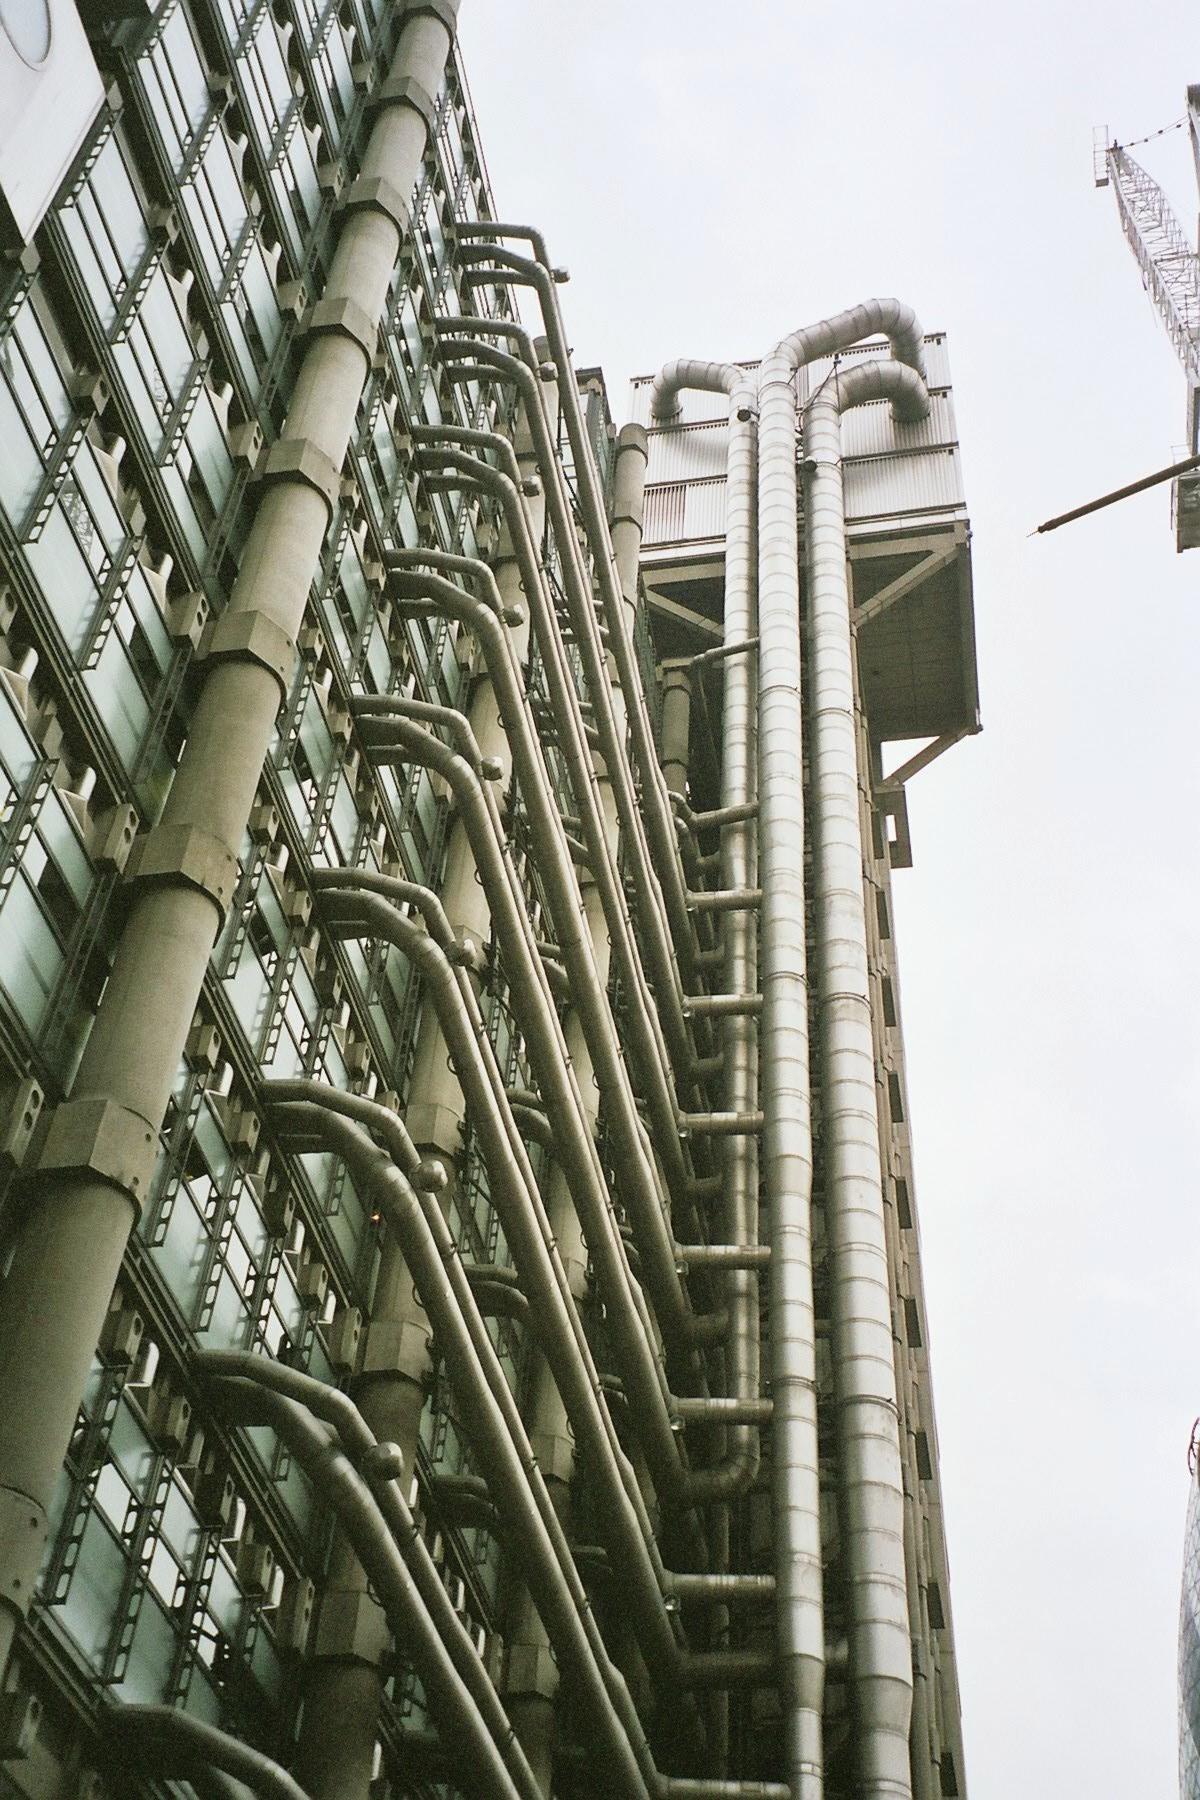 Architettura High Tech Wikipedia